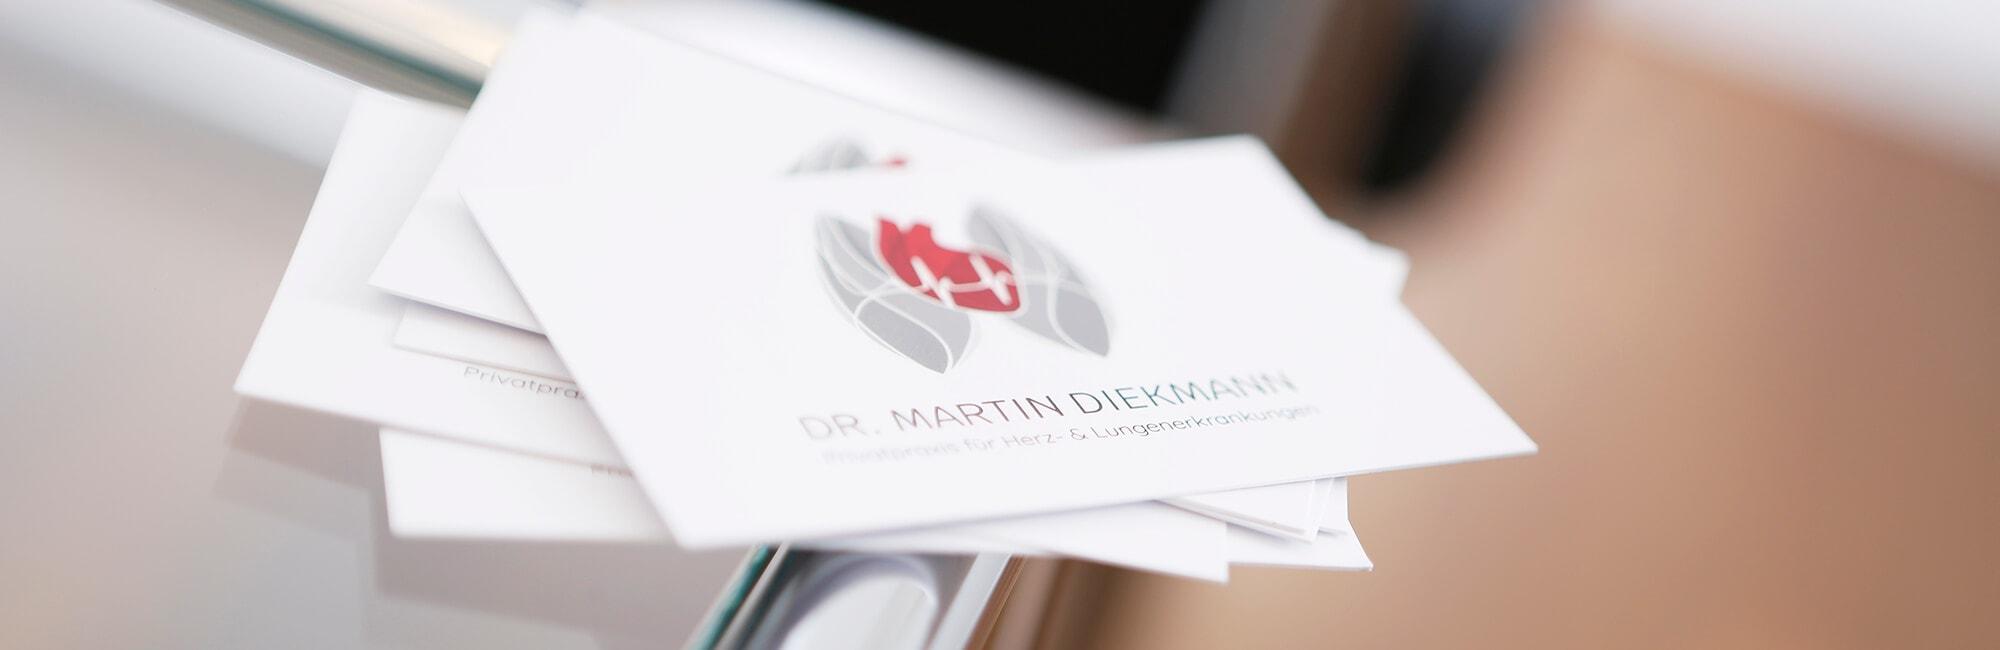 Herz-Kreislauf-Erkrankungen - Köln-Bayenthal - Diekmann - Slider Impressum